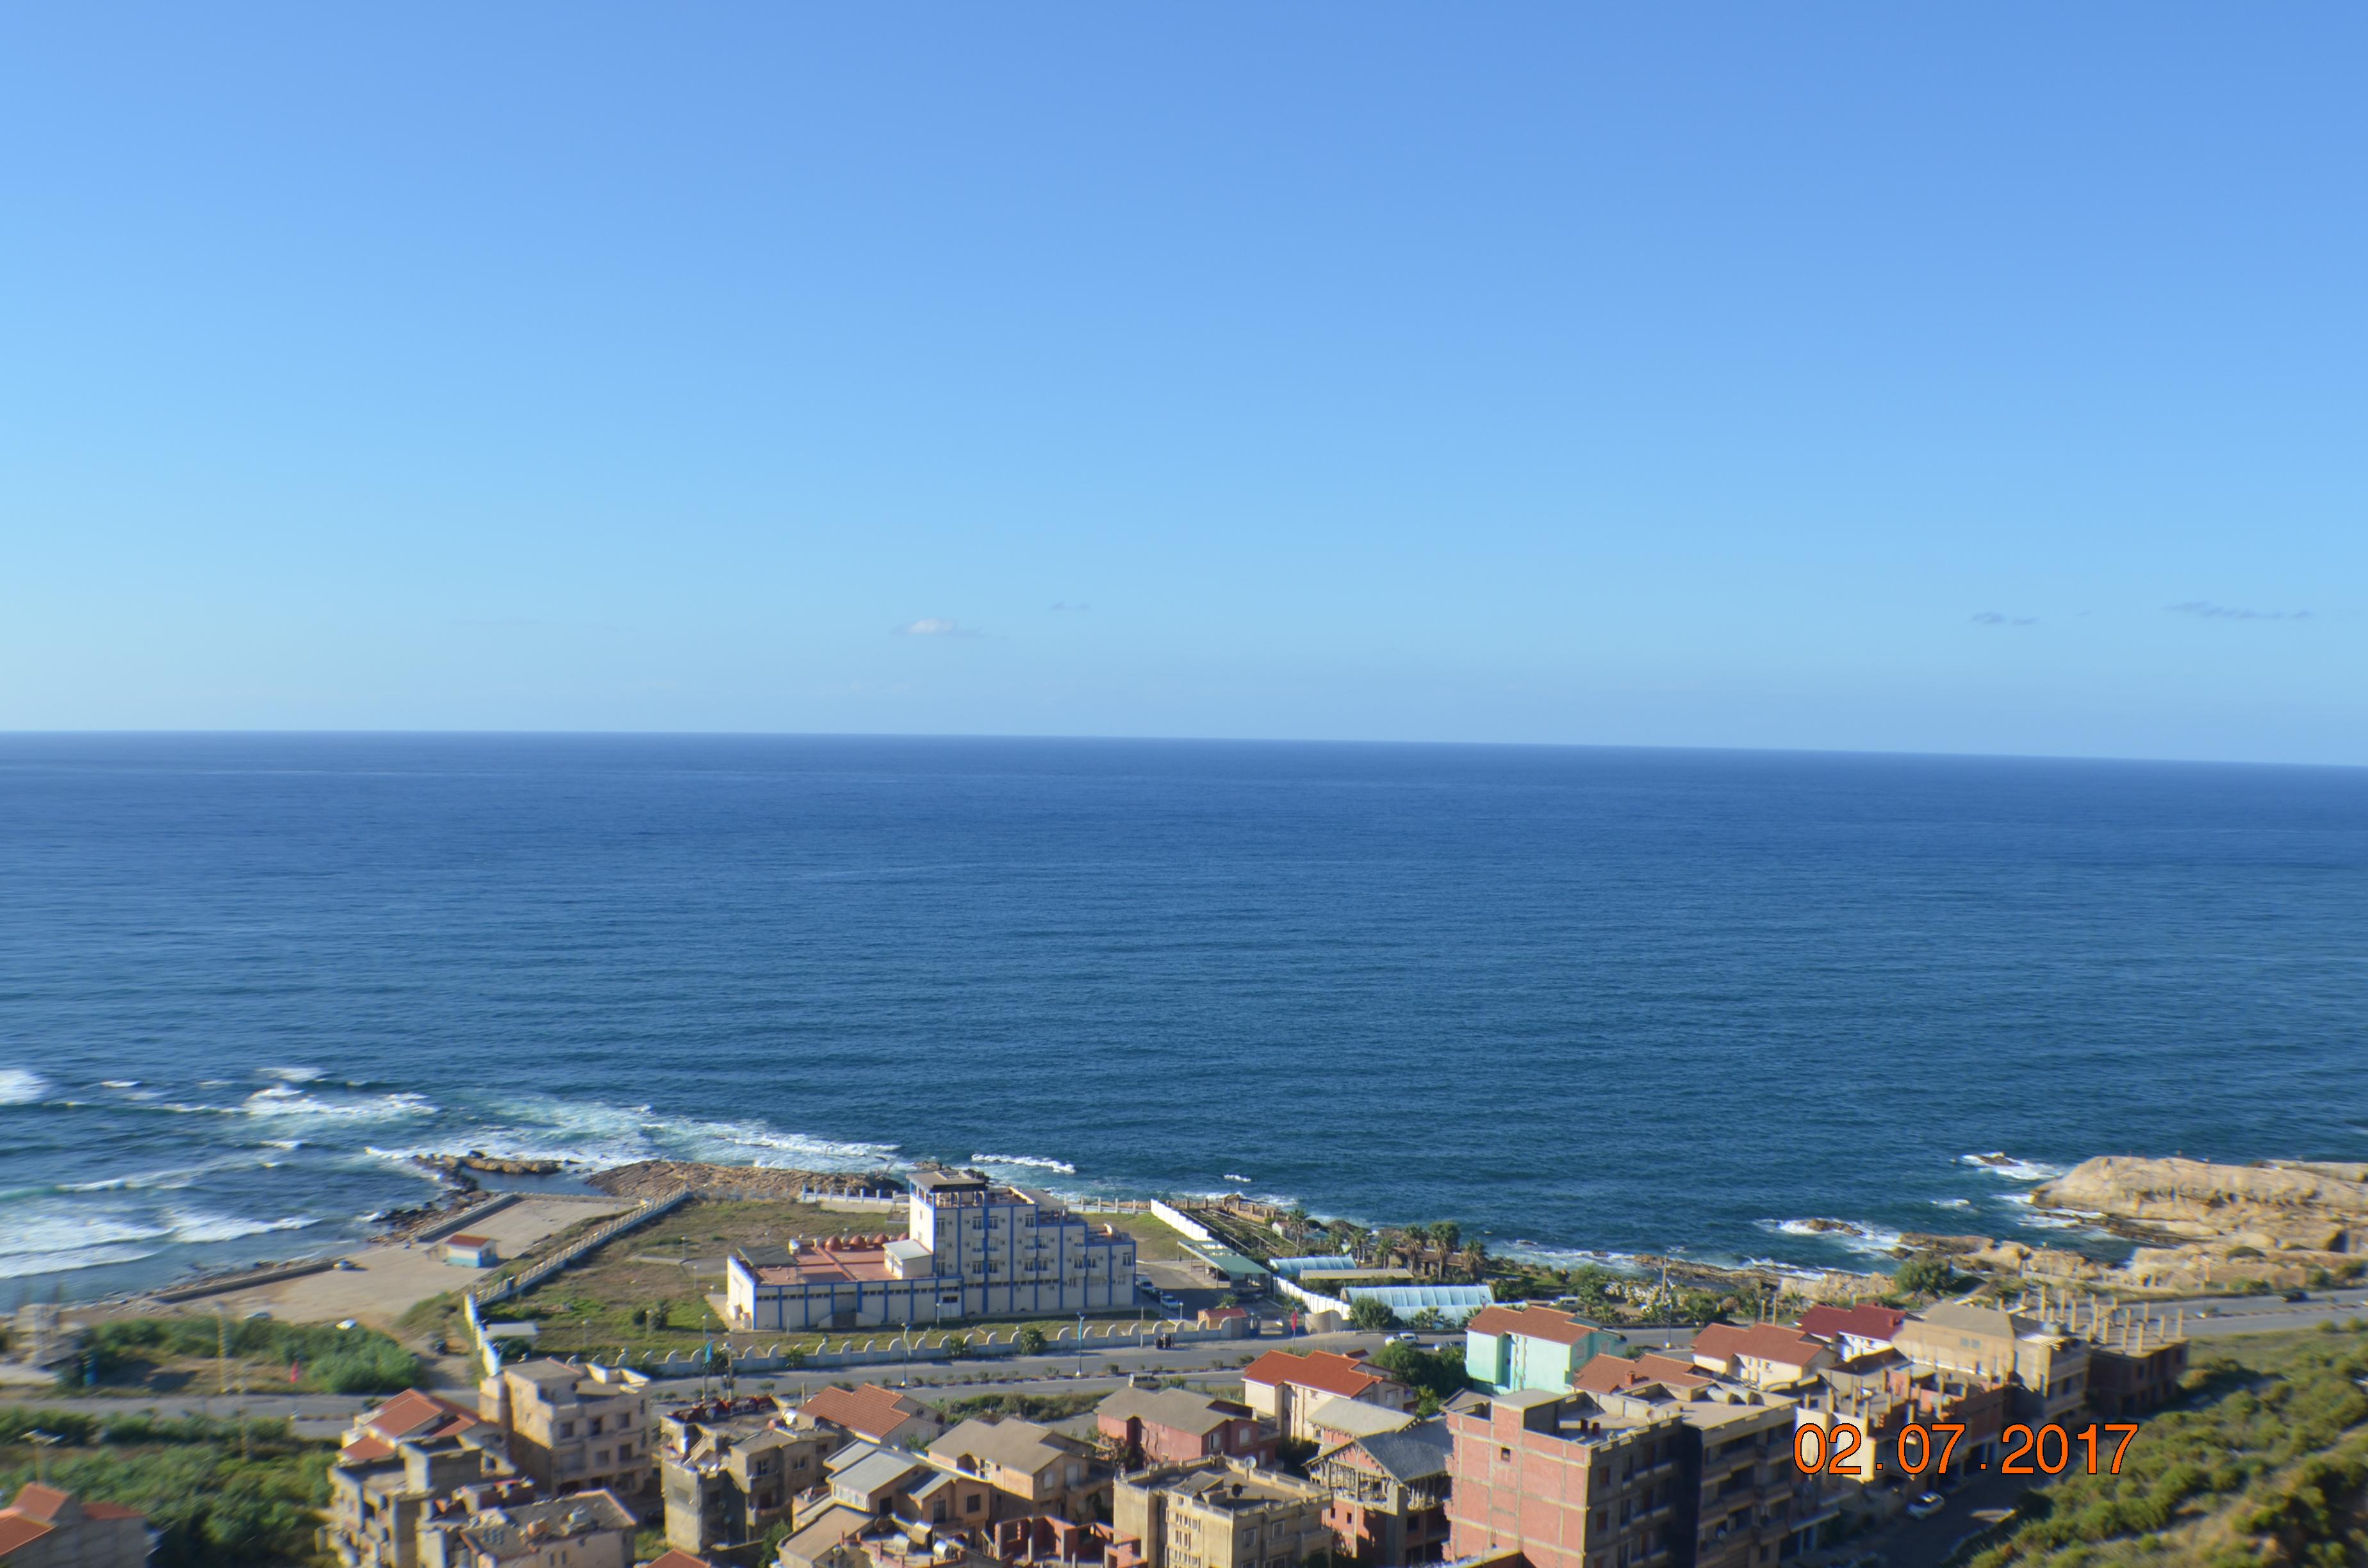 Location pour vacances appartement vue mer à Jijel, calme, parking ouedkniss